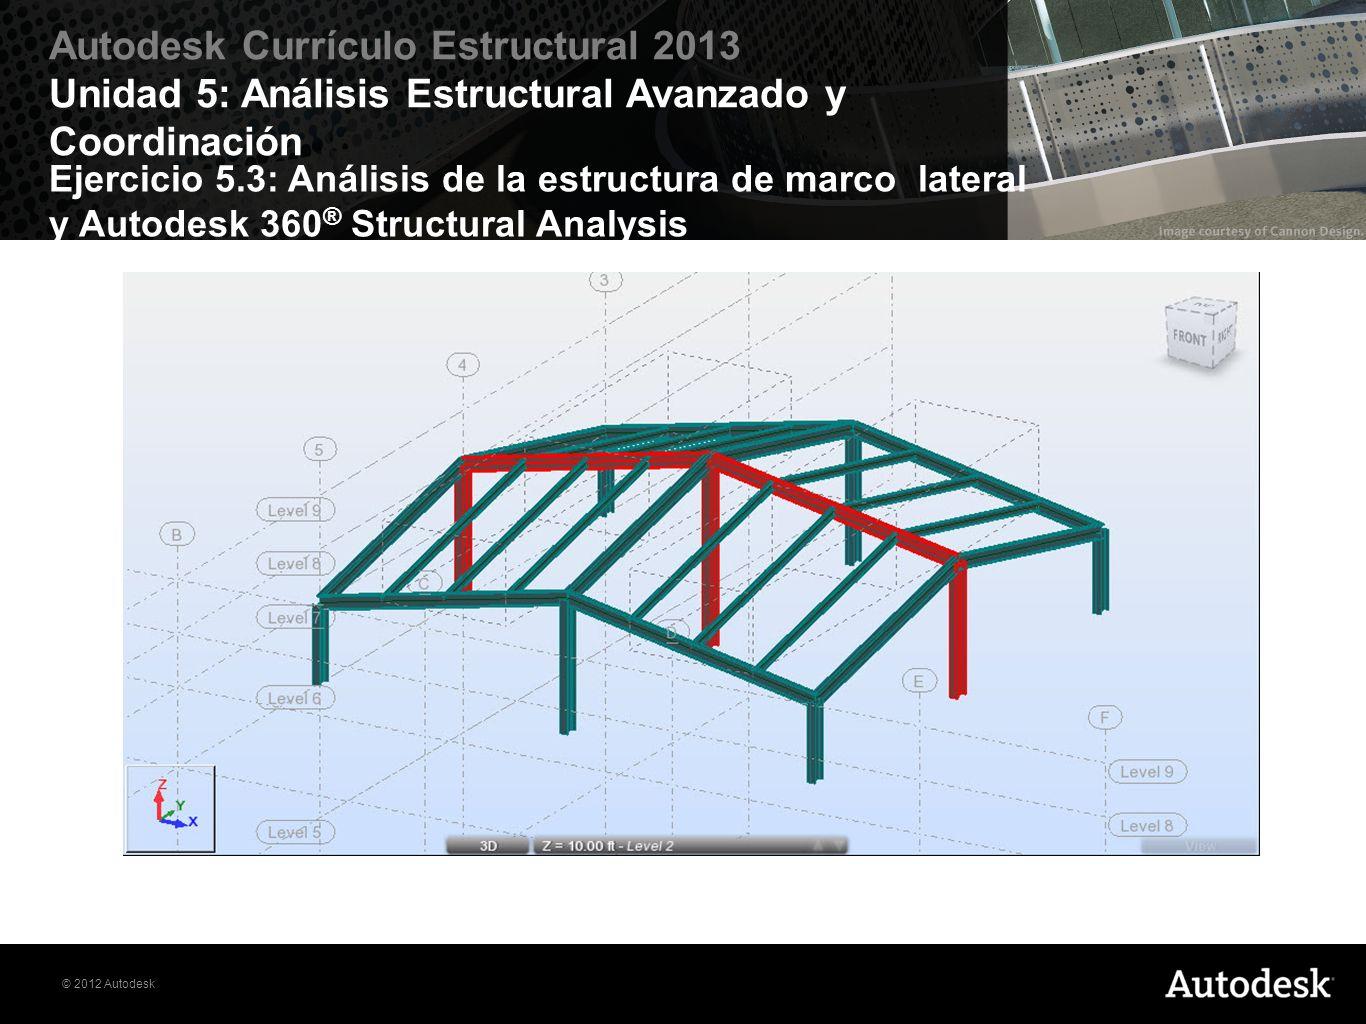 Ejercicio 5.3: Análisis de la estructura de marco lateral y Autodesk 360® Structural Analysis